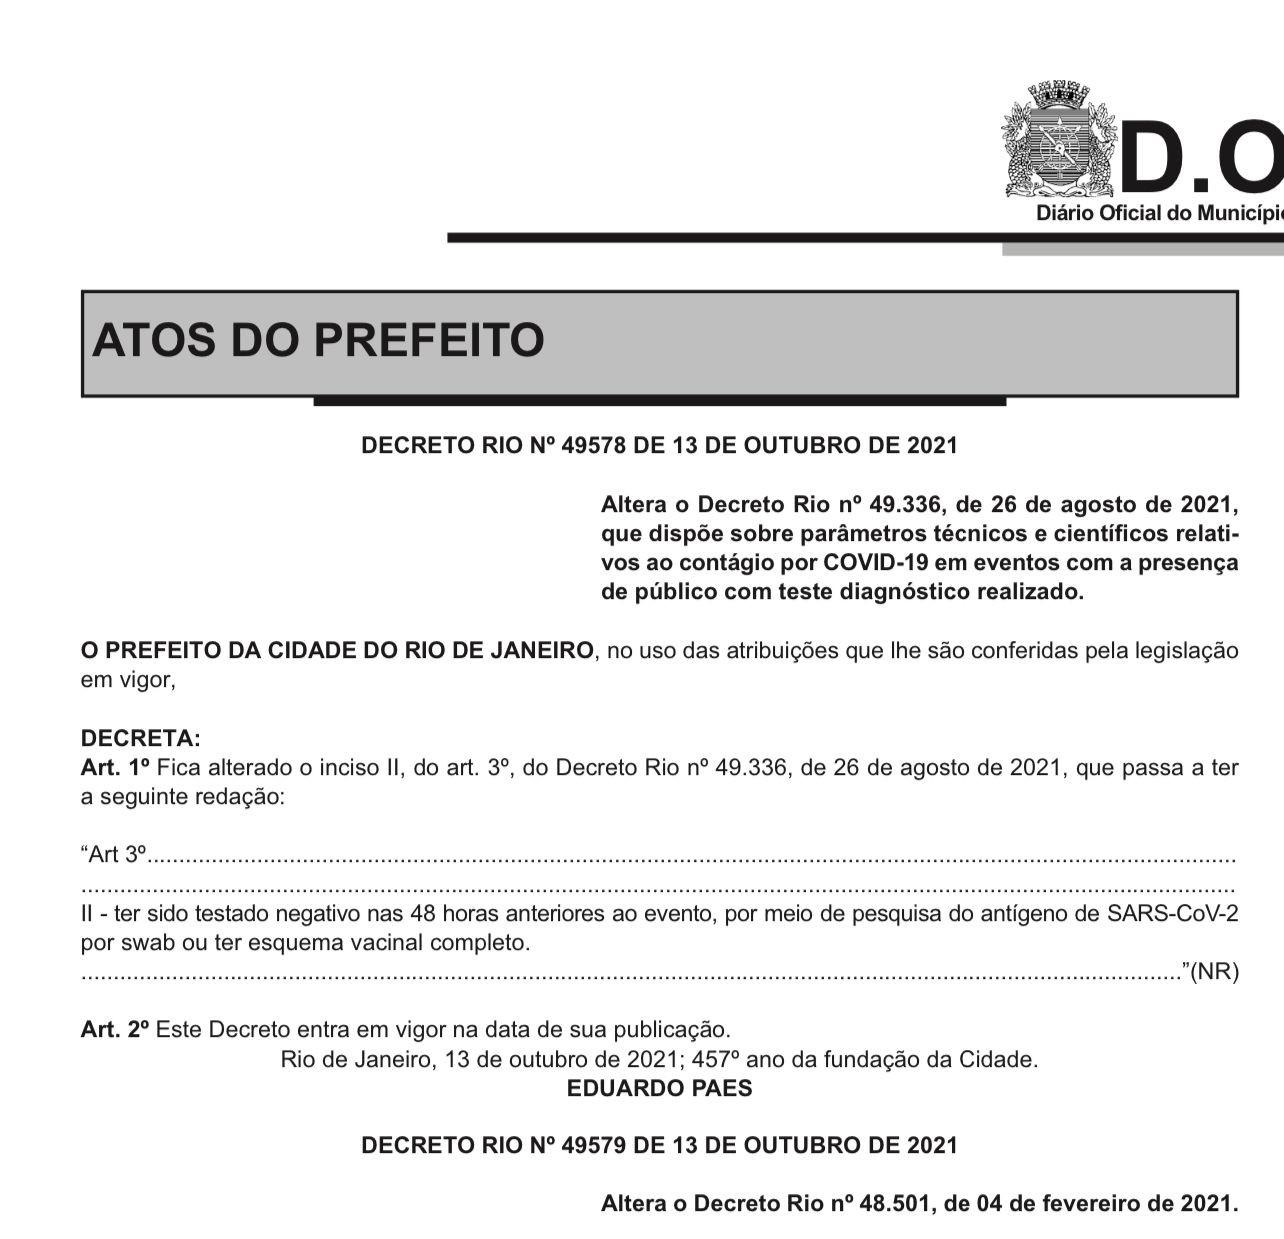 Eduardo Paes flexibiliza decreto que exige teste contra Covid antes de qualquer evento público